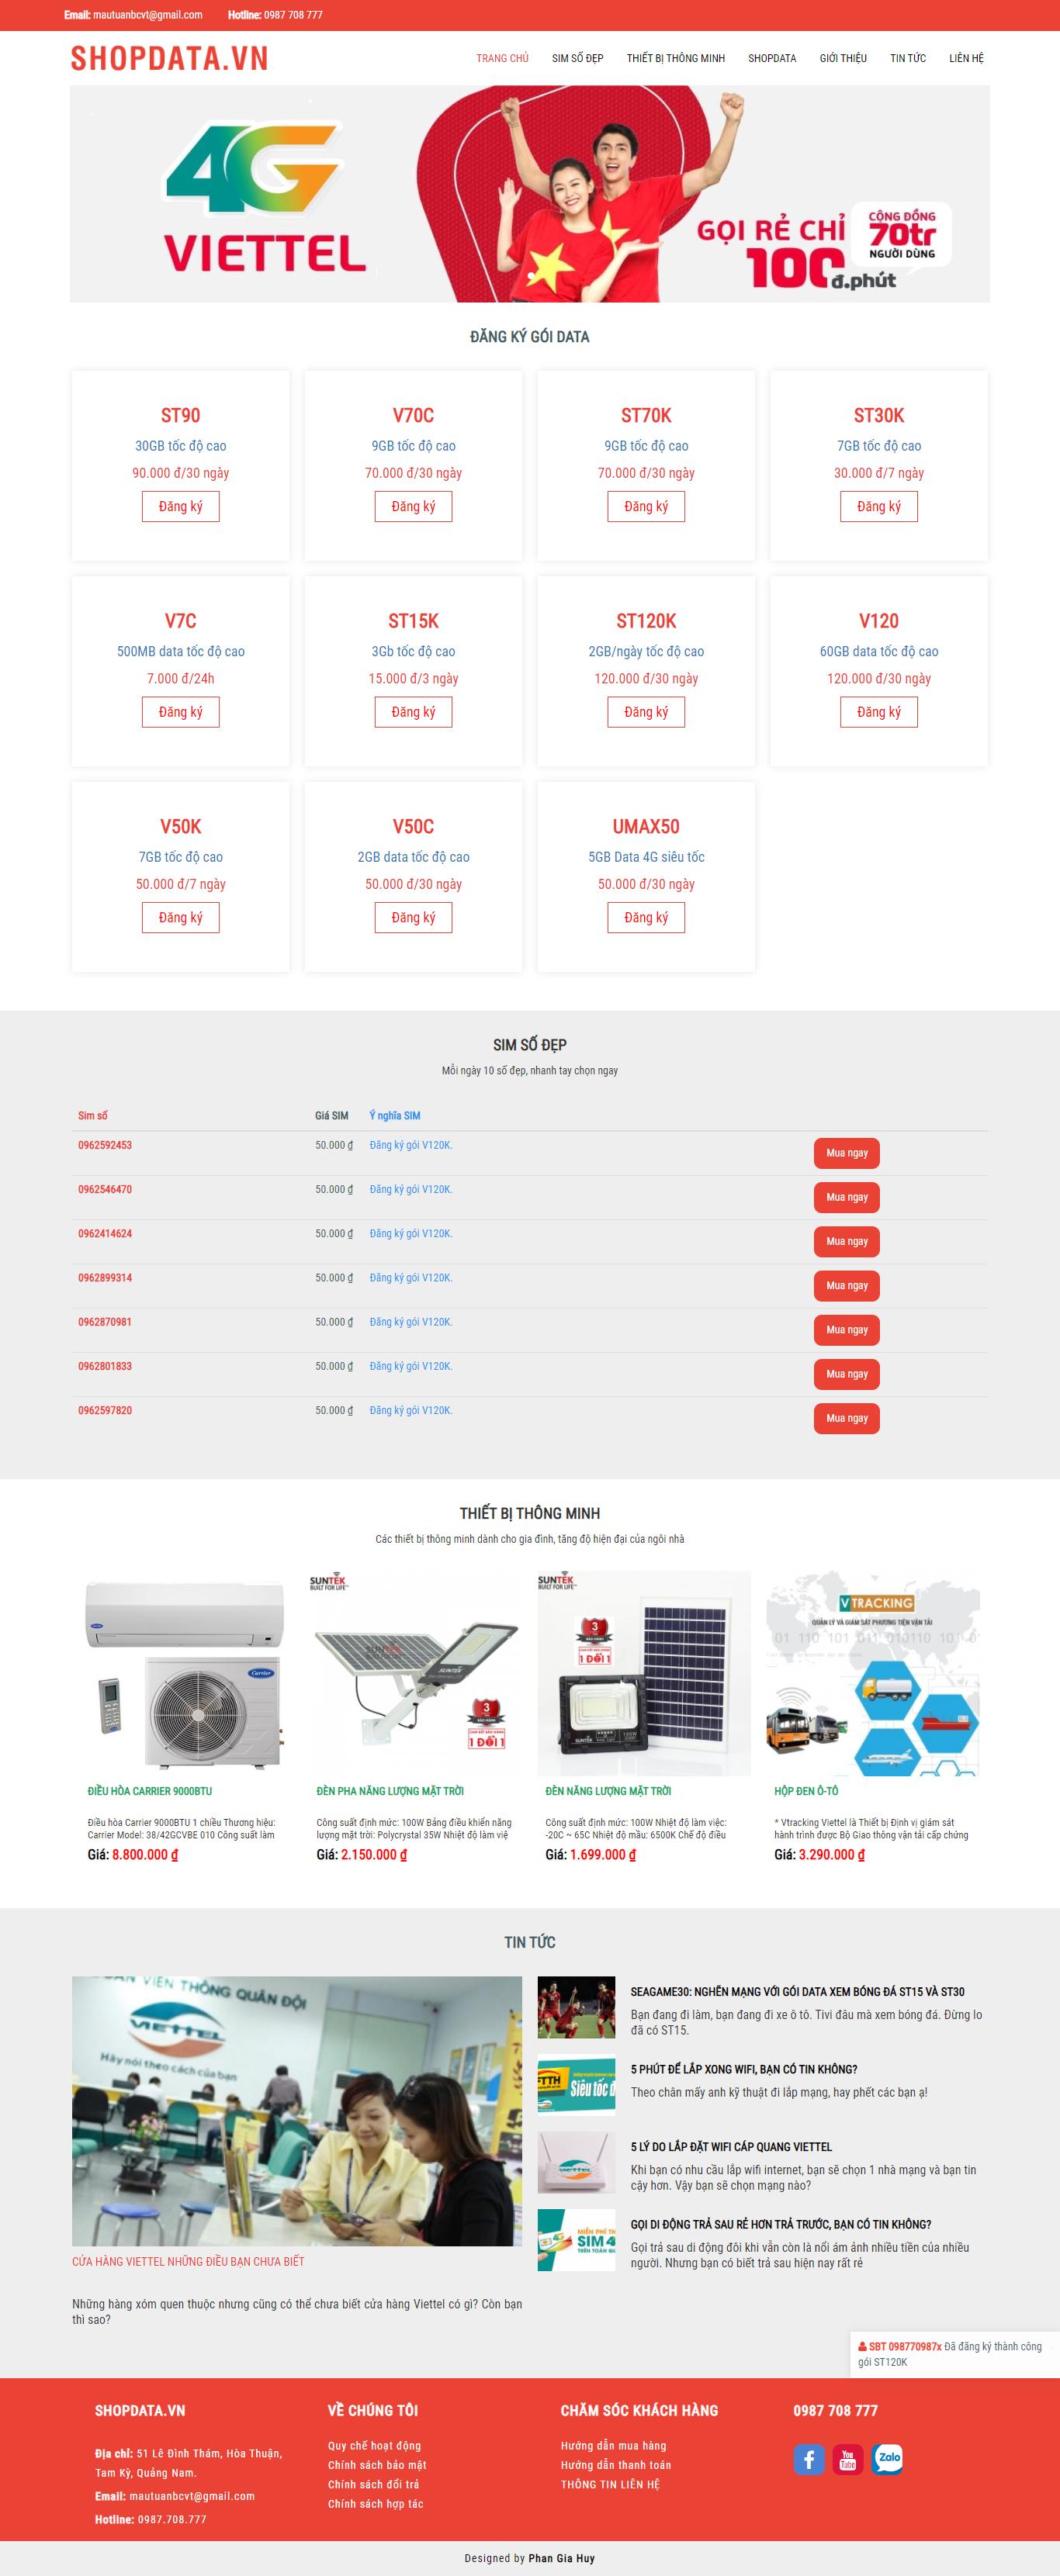 Website mua sắm online của Viettel - SHOPDATA.VN